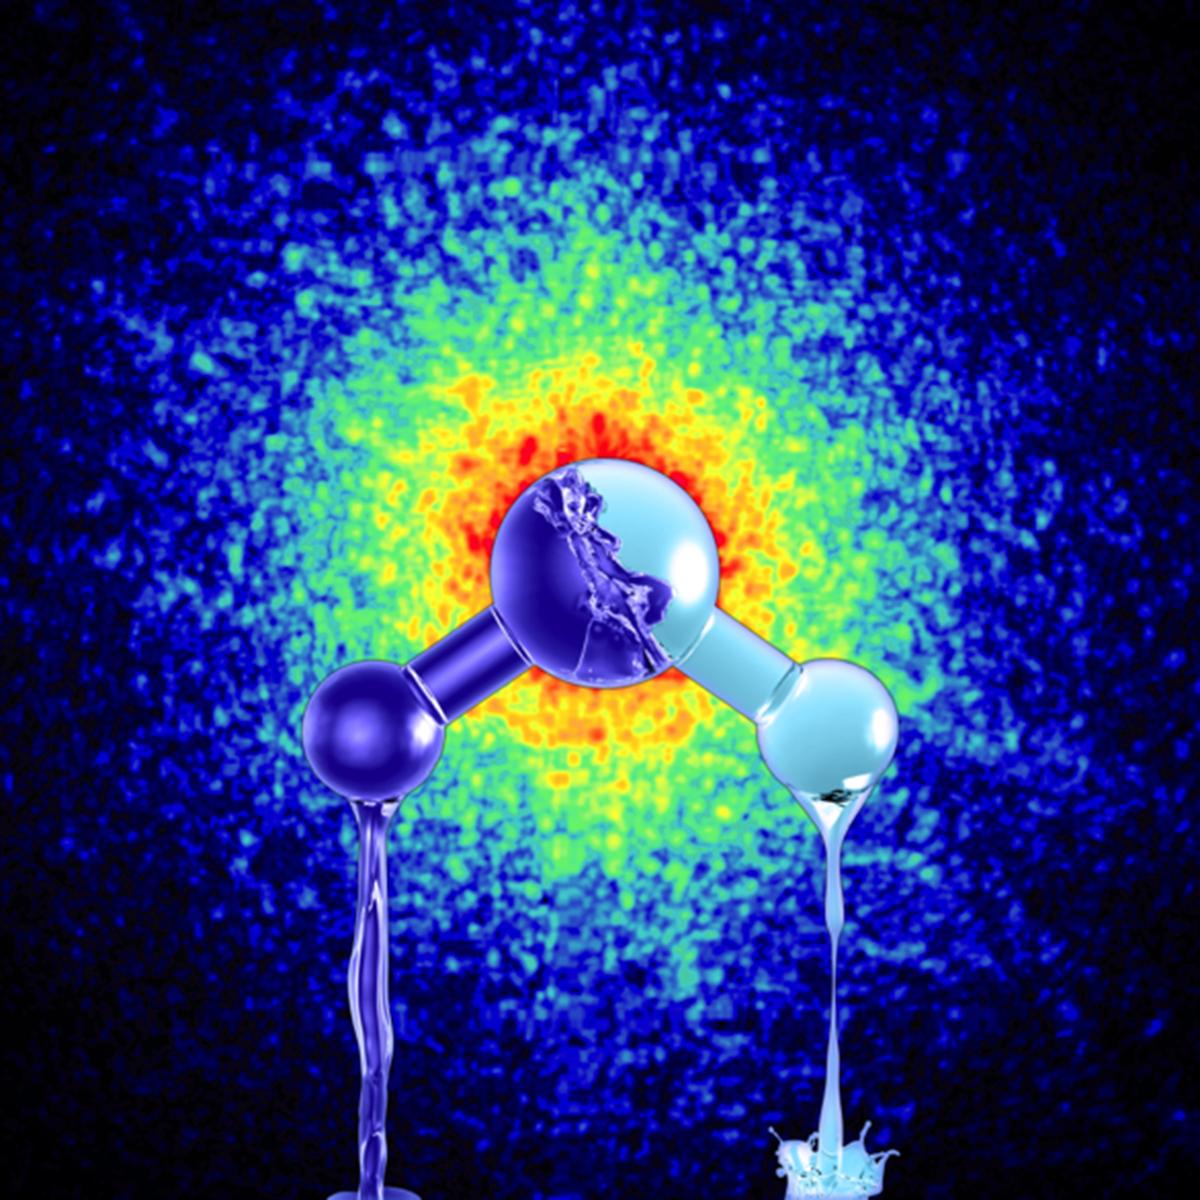 Reproducción artística de las dos formas ultraviscosas del agua líquida con diferentes densidades. Credit: Mattias Karlén